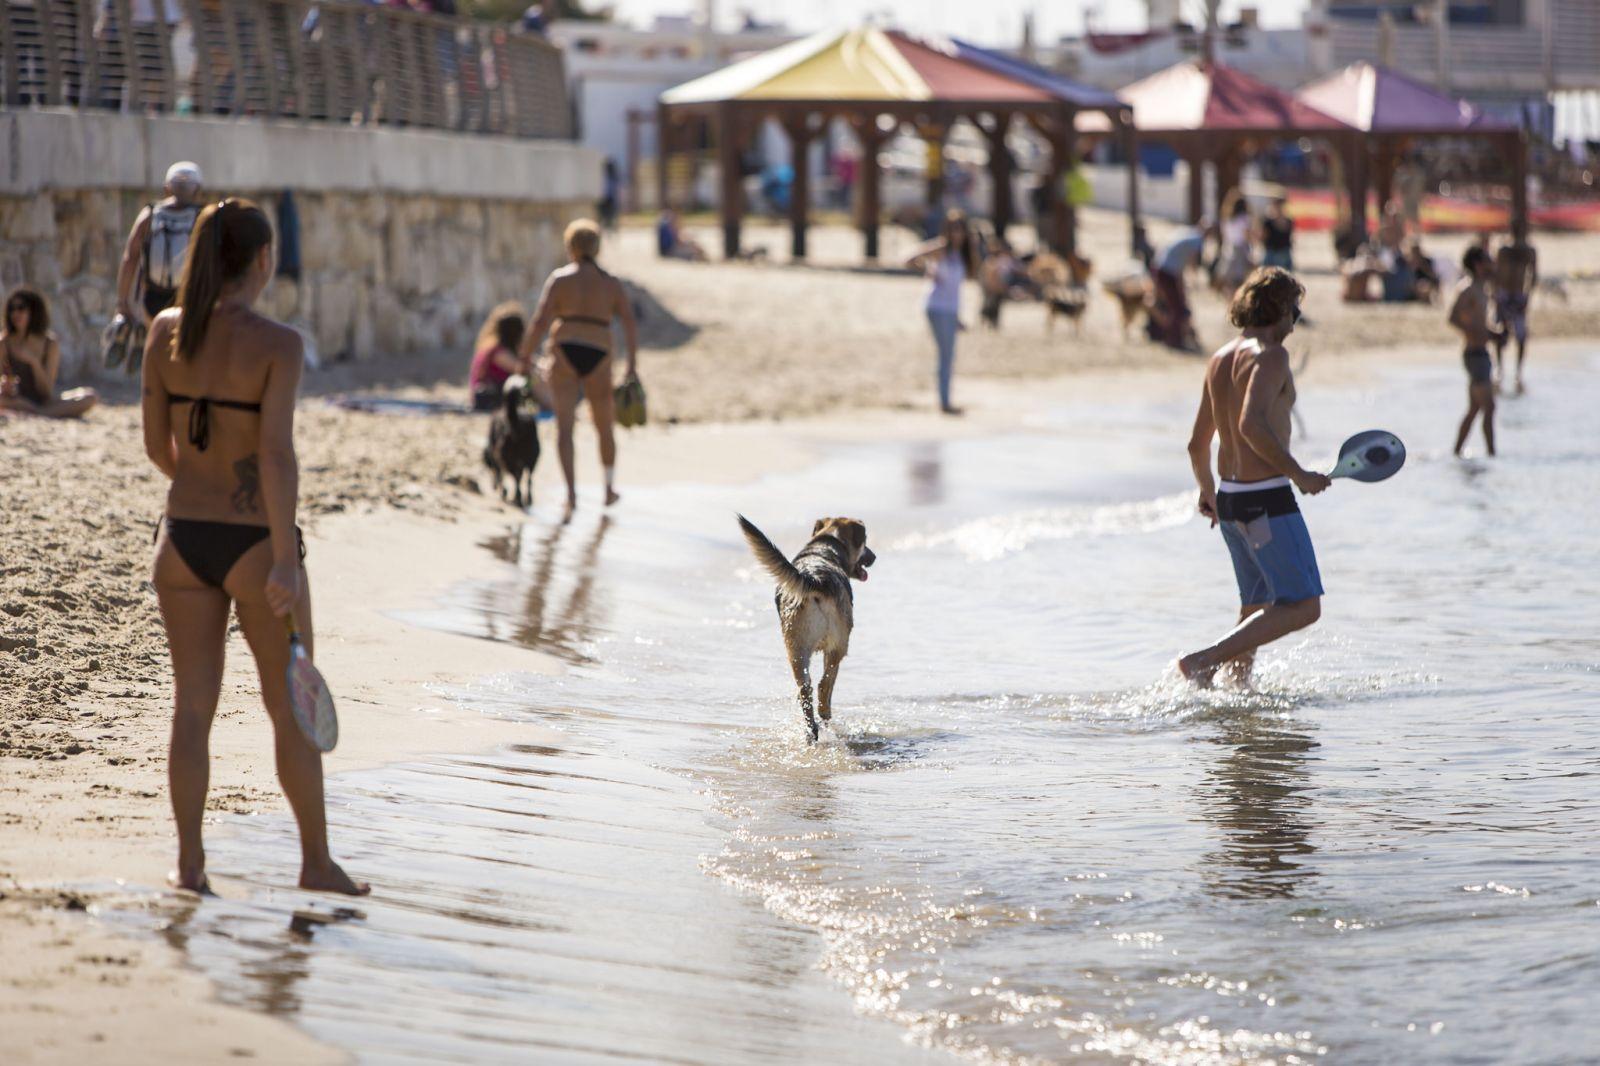 Photo of the Tel Aviv beachfront by Kfir Bolotin.